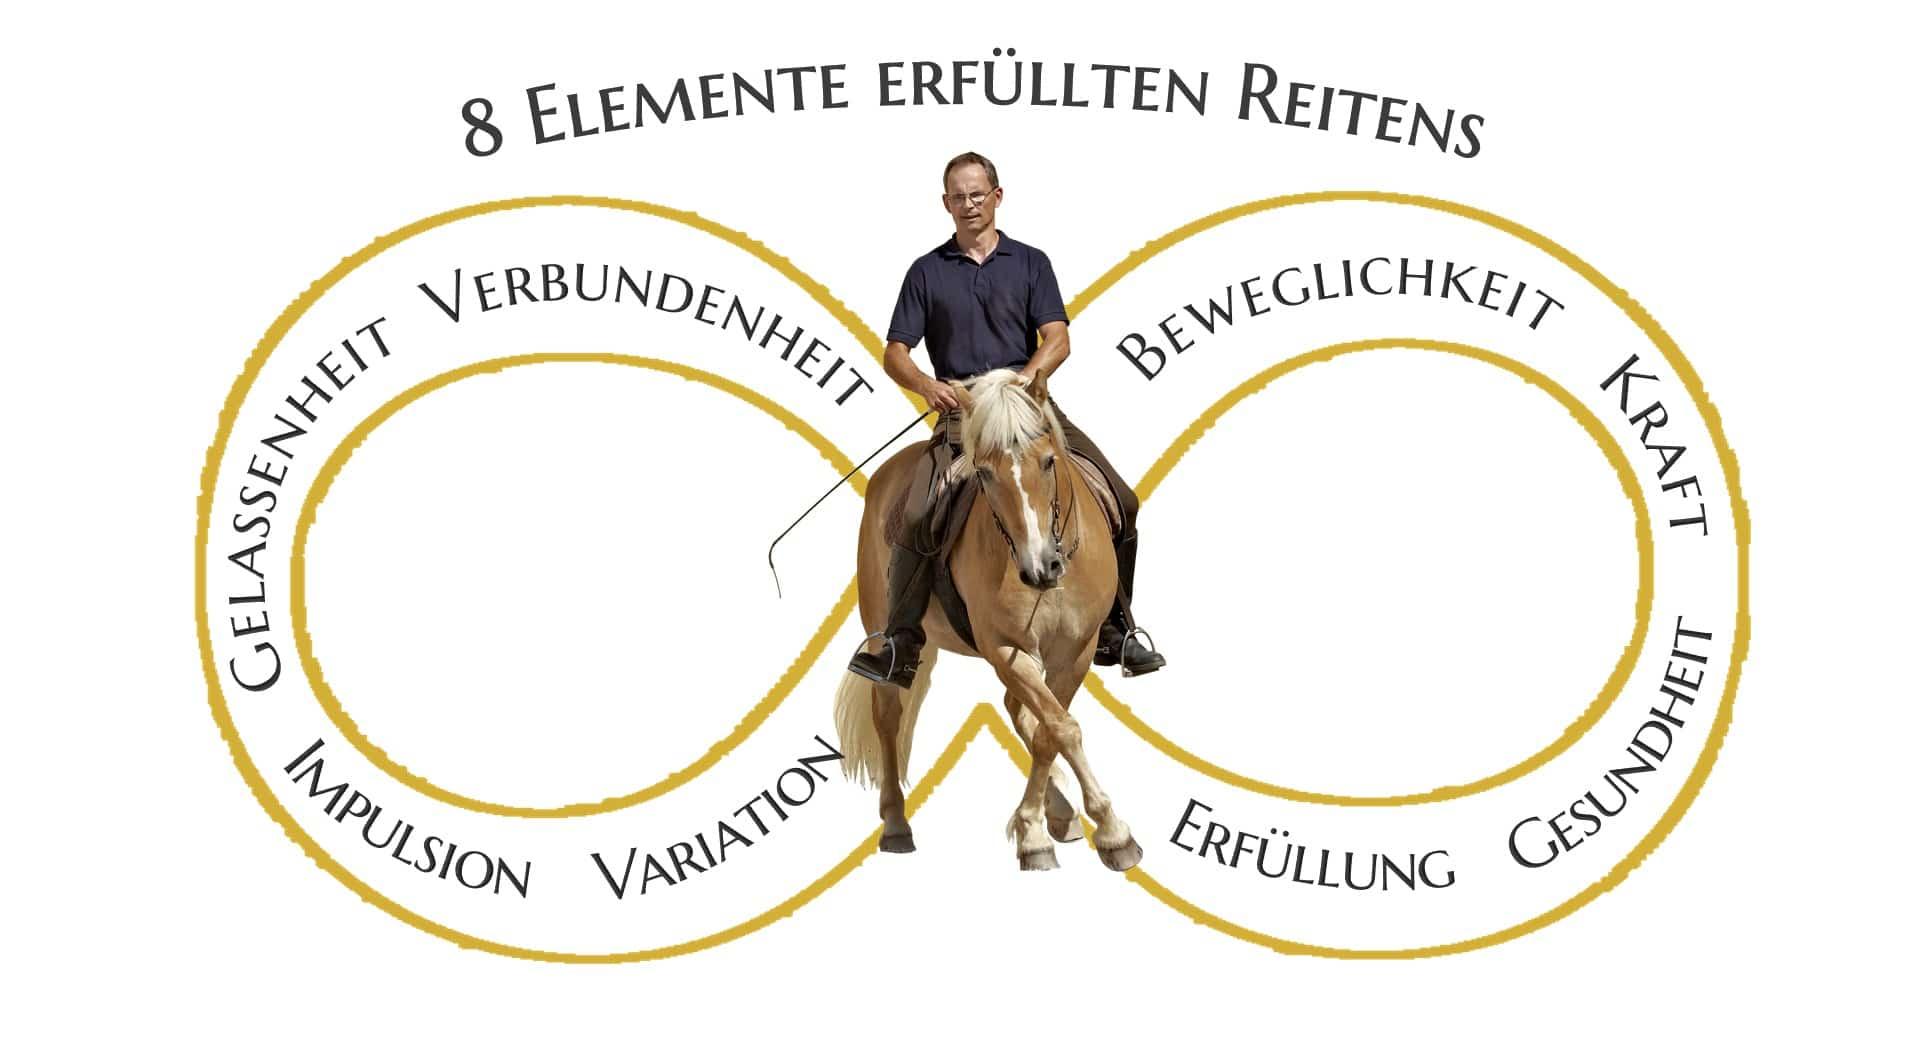 8 Elemente erfüllten Reitens 8EER